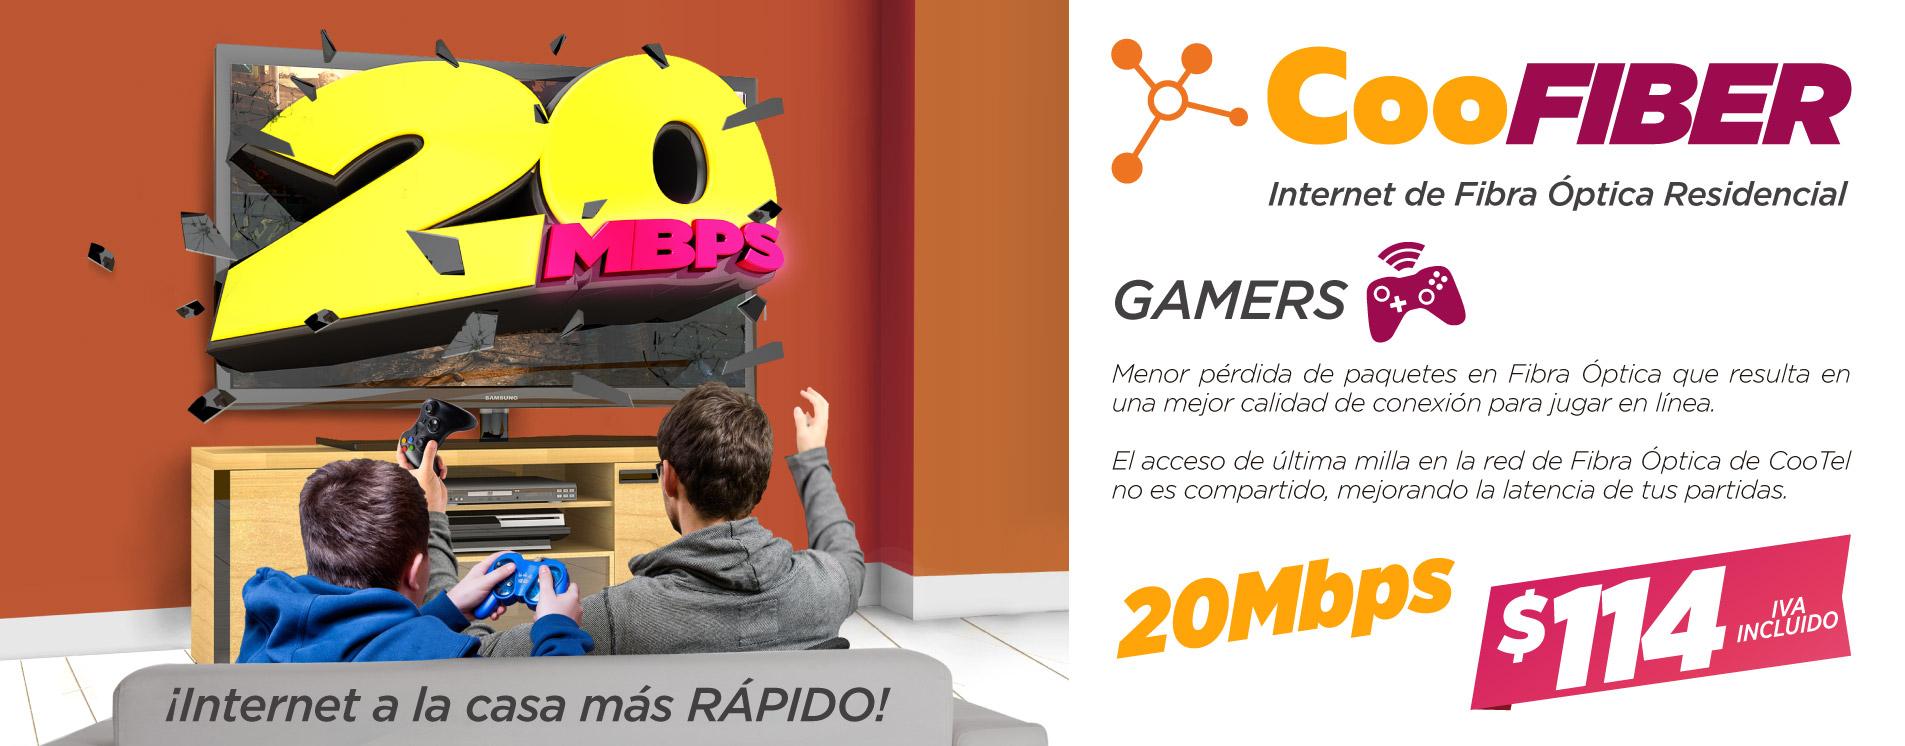 CooFIBER para Gamers